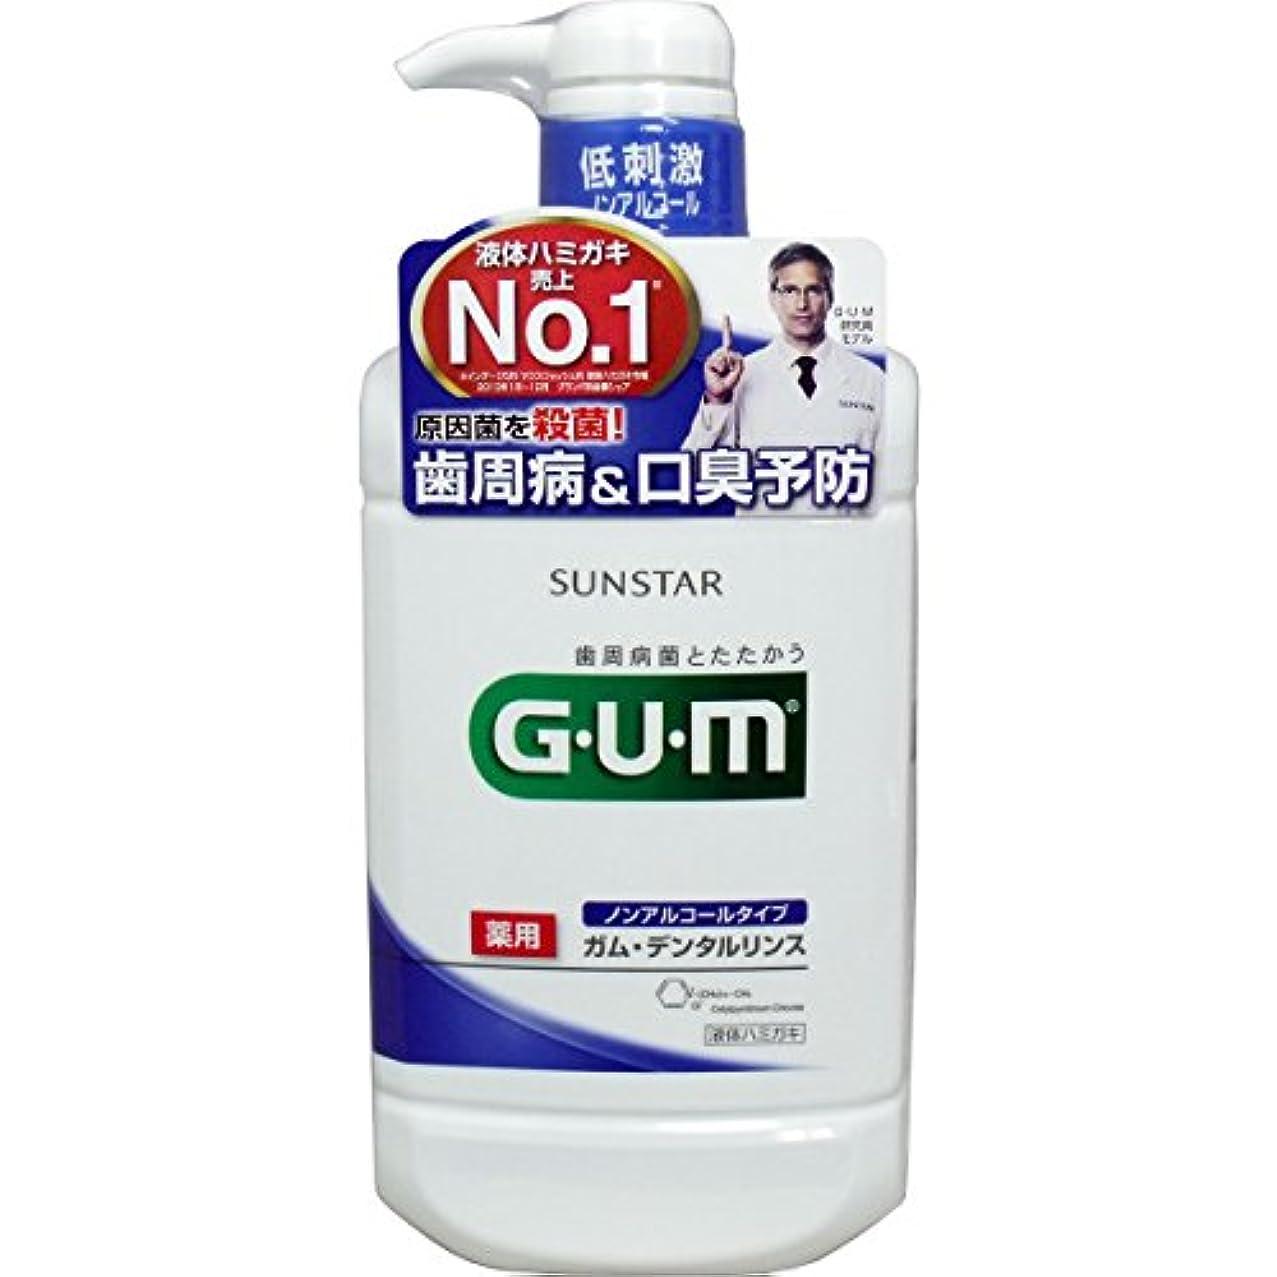 含めるウォルターカニンガム見えない【まとめ買い】GUM(ガム)?デンタルリンス (ノンアルコールタイプ) 960mL (医薬部外品)×3個